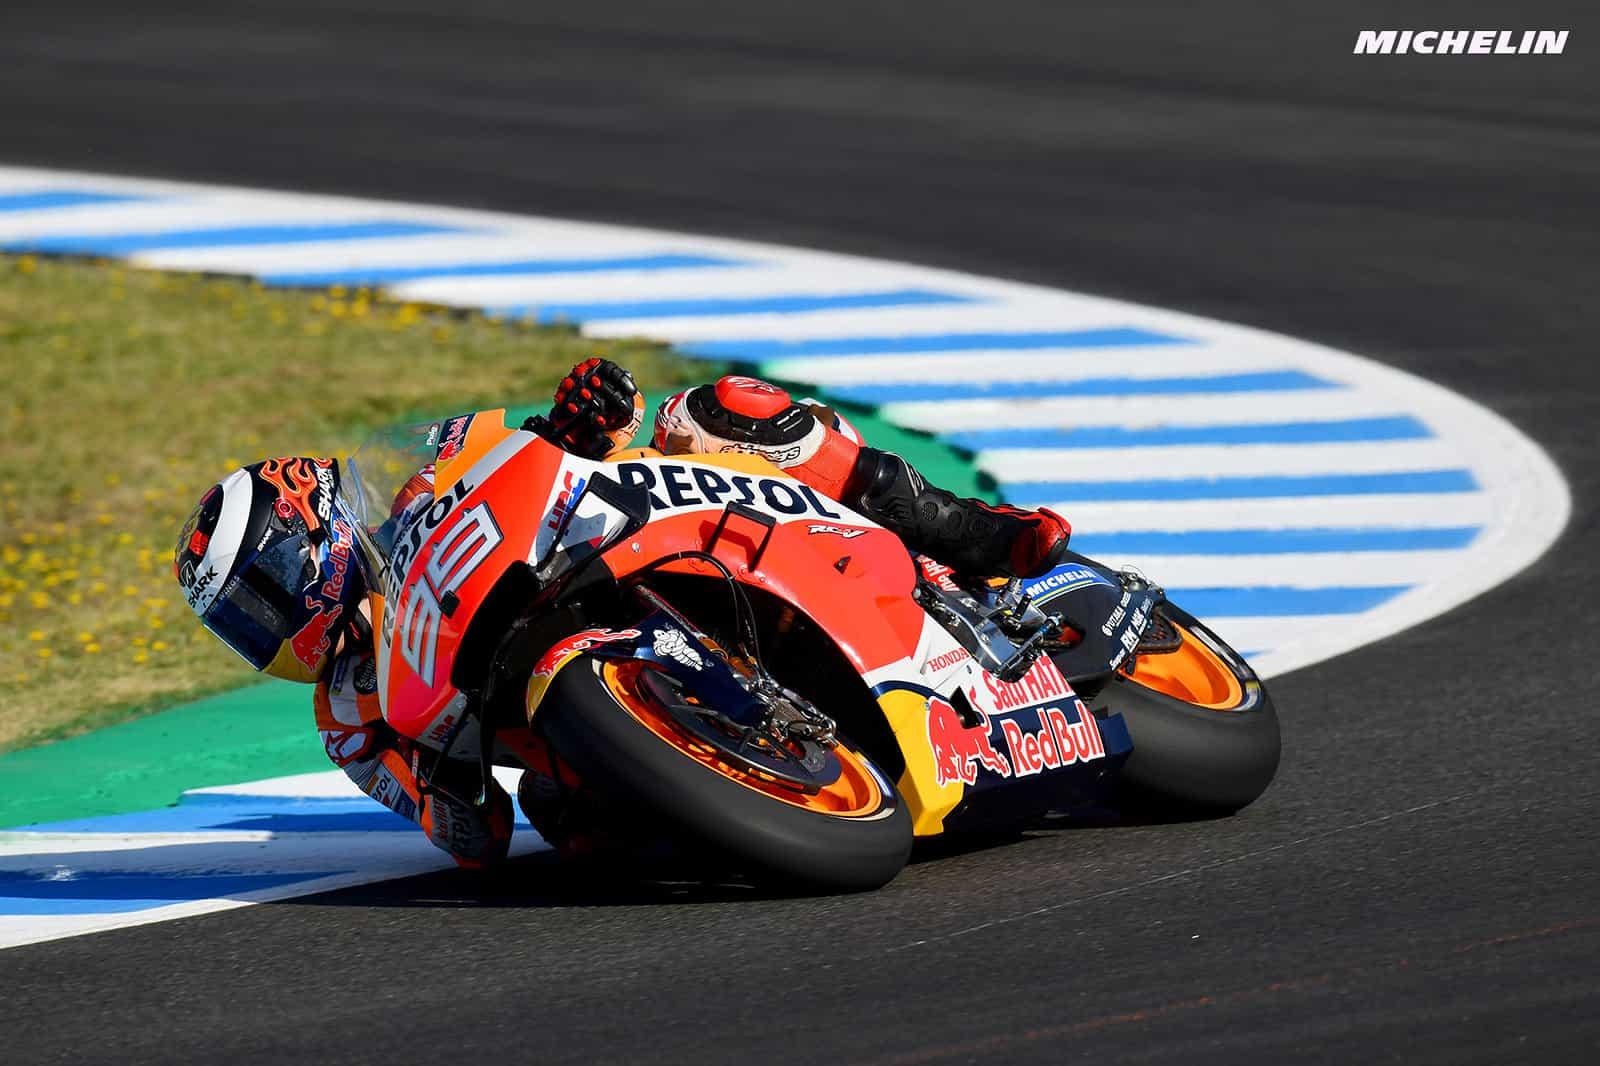 MotoGP2019ヘレスGP FP2 9位ロレンソ「午前中に望むようなライディングが出来た」